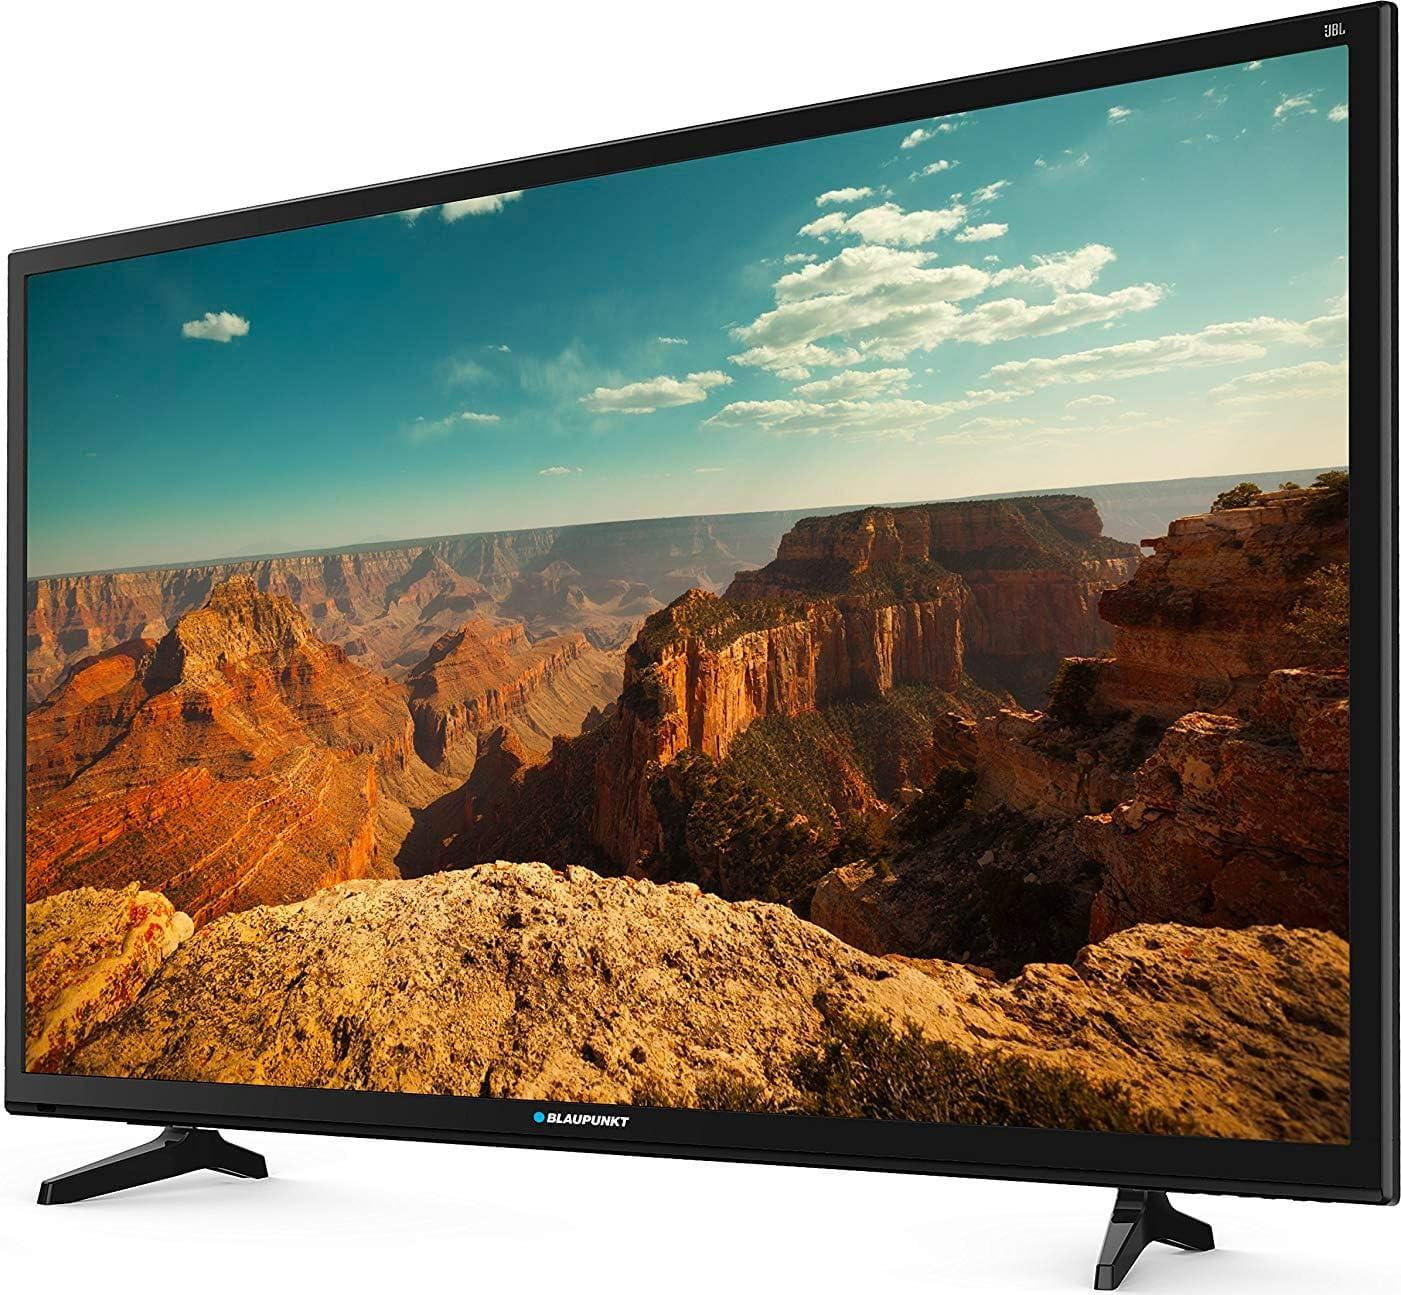 Blaupunkt BLA-32-148O-GB - Televisor de 32